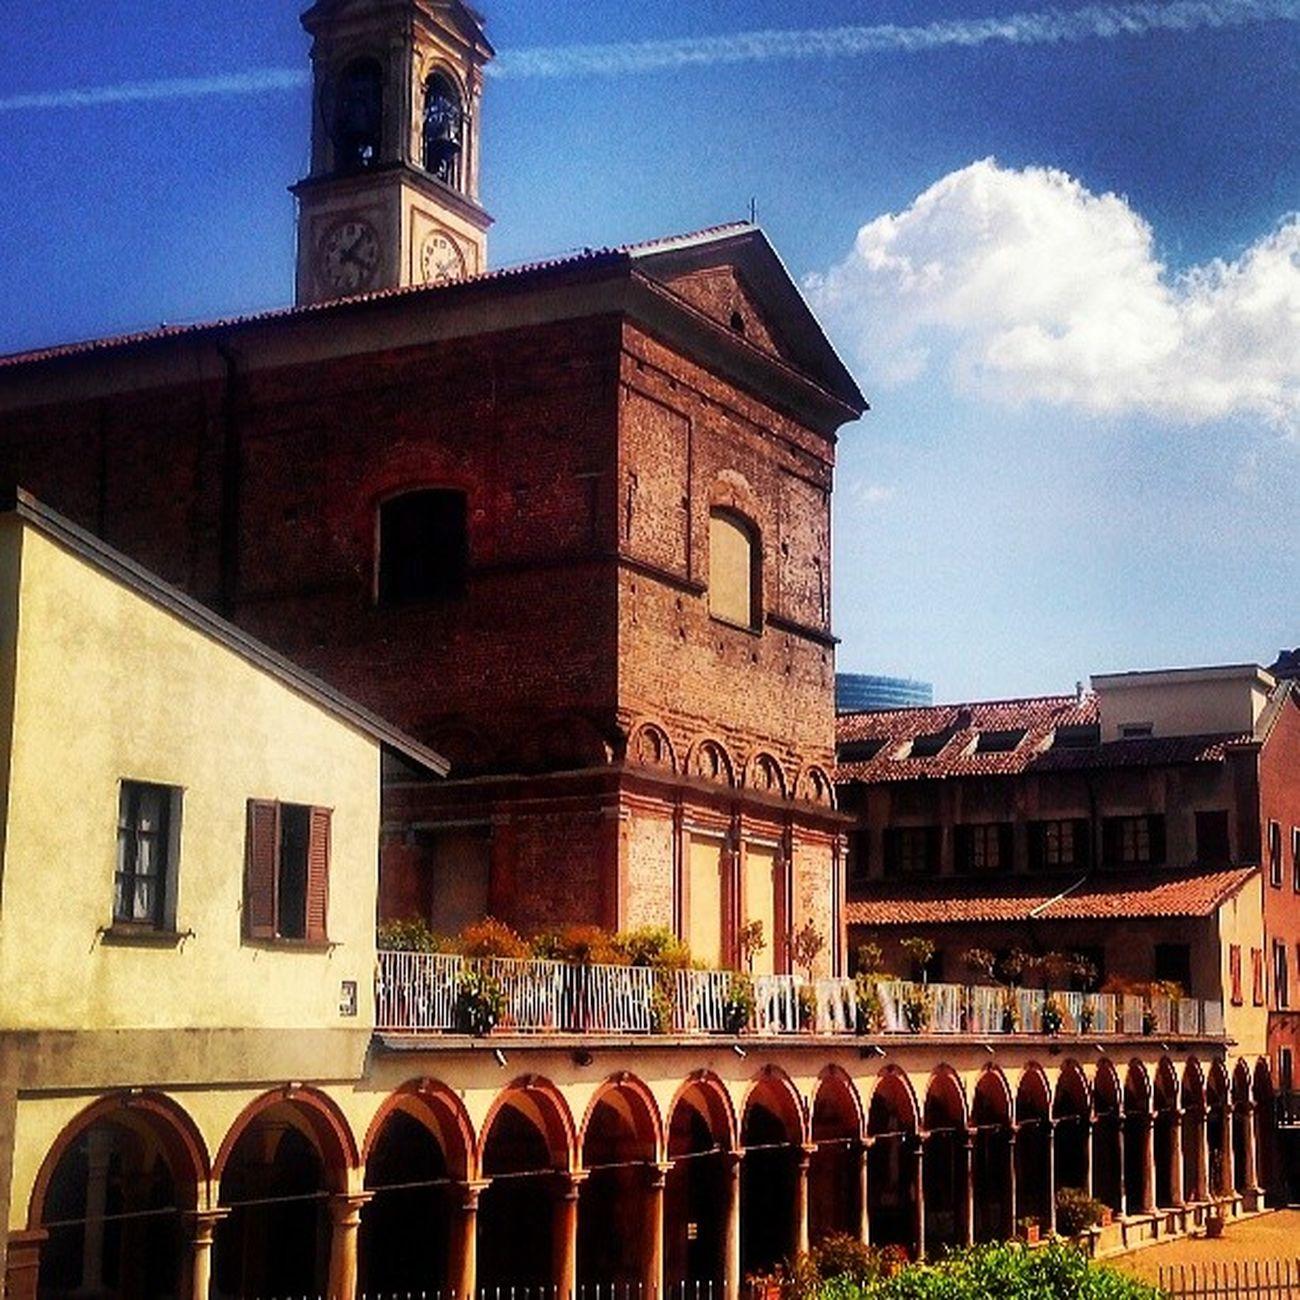 Milan Milano Chiesaromananica Arte art arco colonna architettura